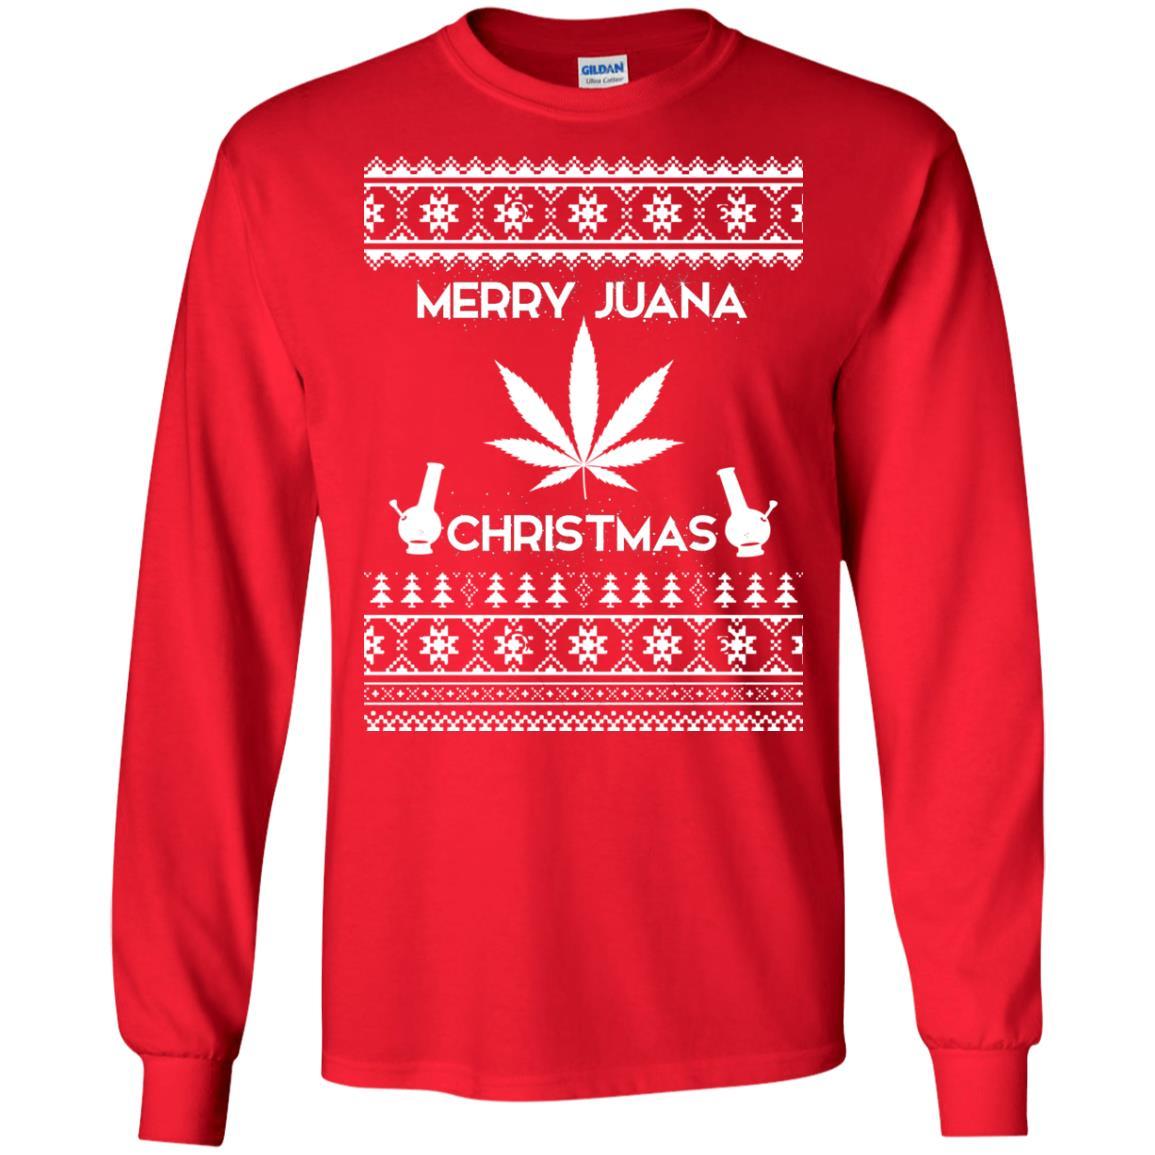 image 3886 - Merry Juana Weed Christmas Sweater, Ugly Sweatshirt